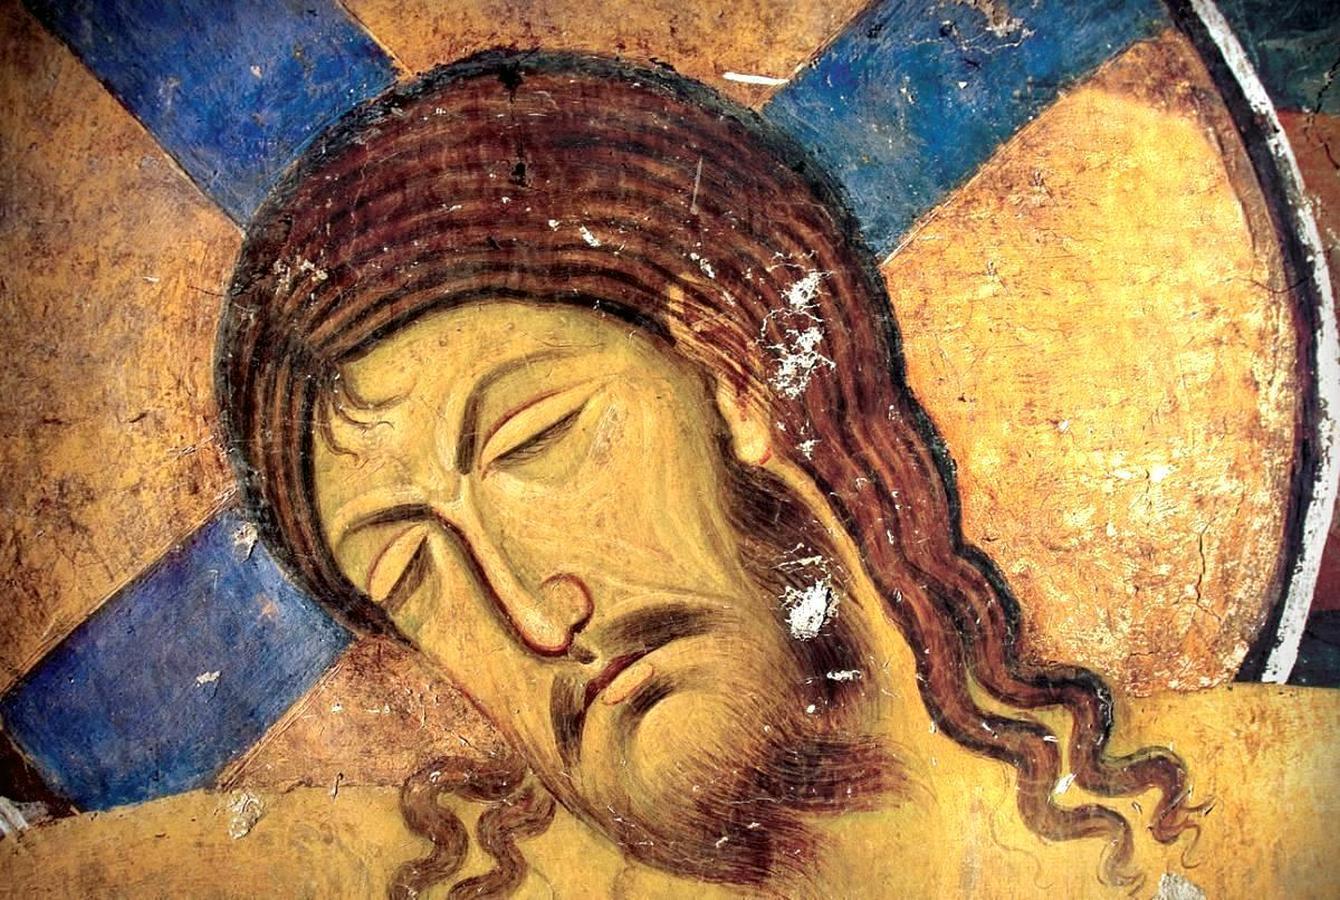 Распятие Господне. Фреска церкви Богородицы в монастыре Студеница, Сербия. 1208 - 1209 годы. Фрагмент.